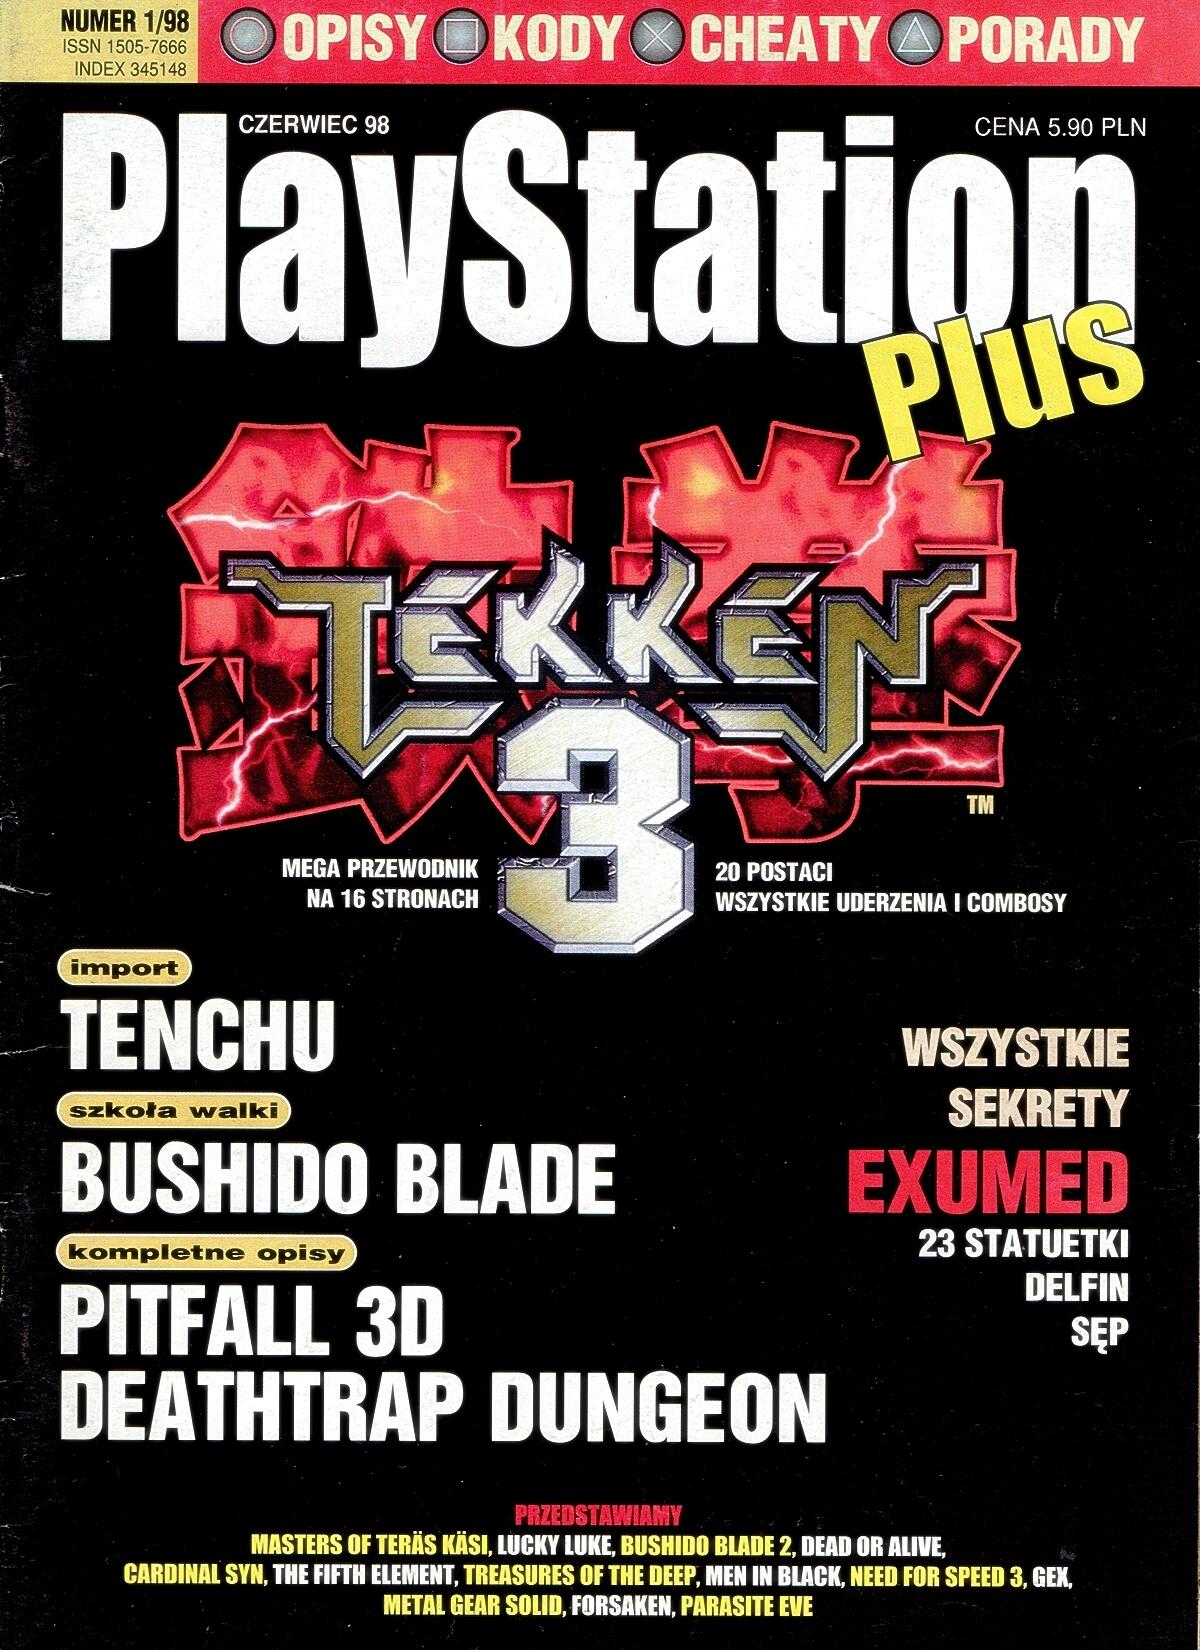 playstation plus magazyn 01 - PlayStation Plus 1/98